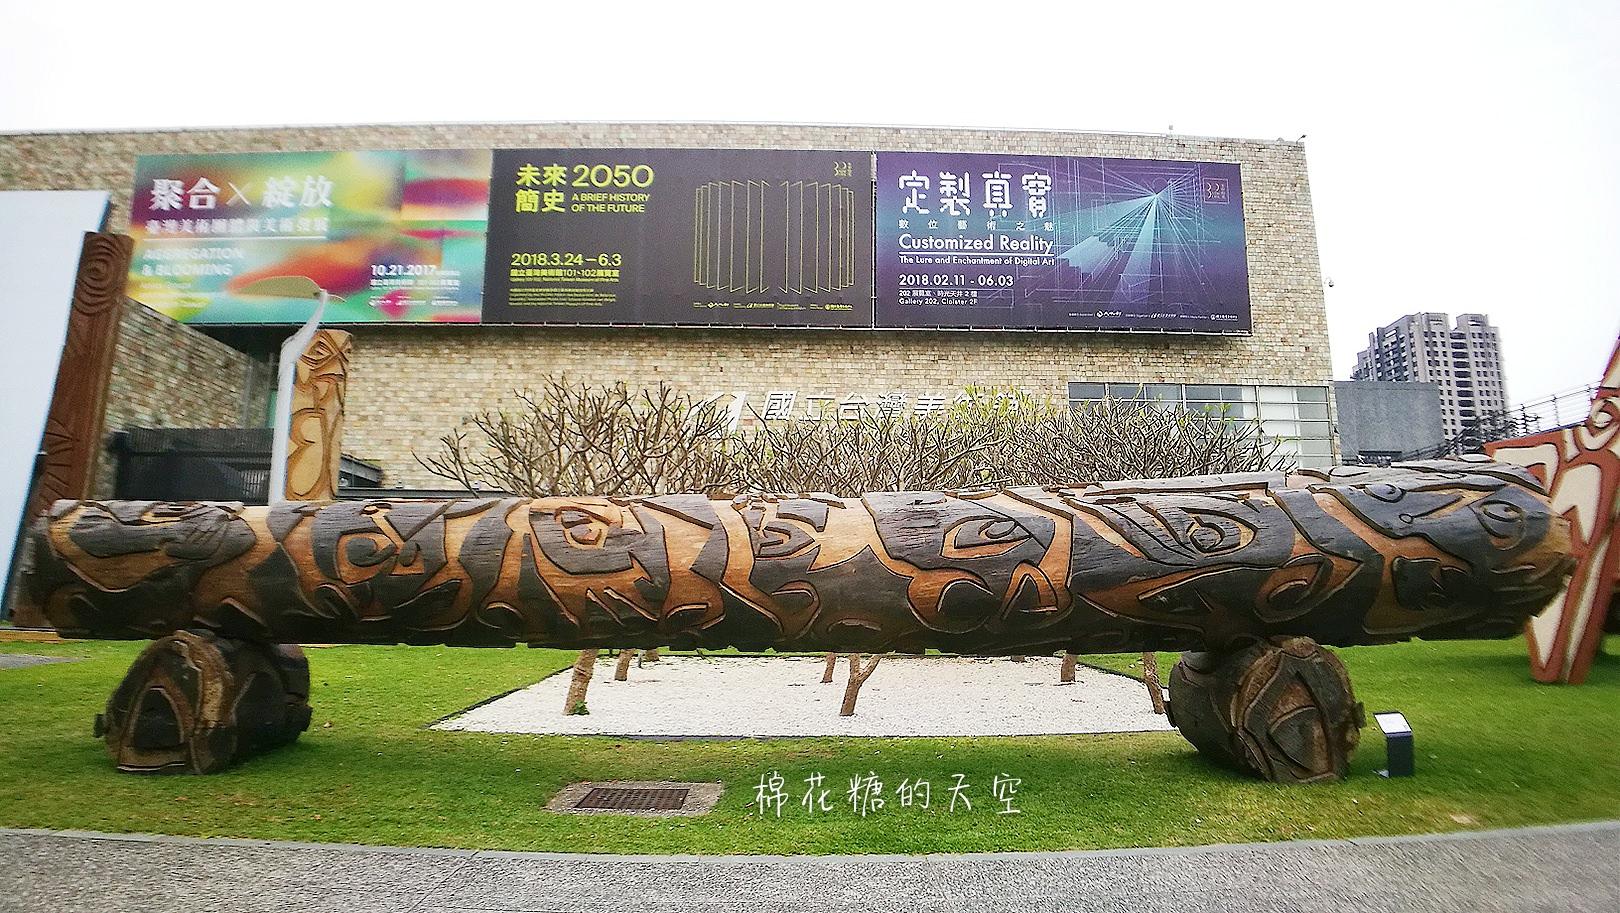 20180319190455 34 - 國立美術館被外星人佔據了?!五層樓高巨型雕塑被巨木圍繞好像電影場景!吳炫三回顧展